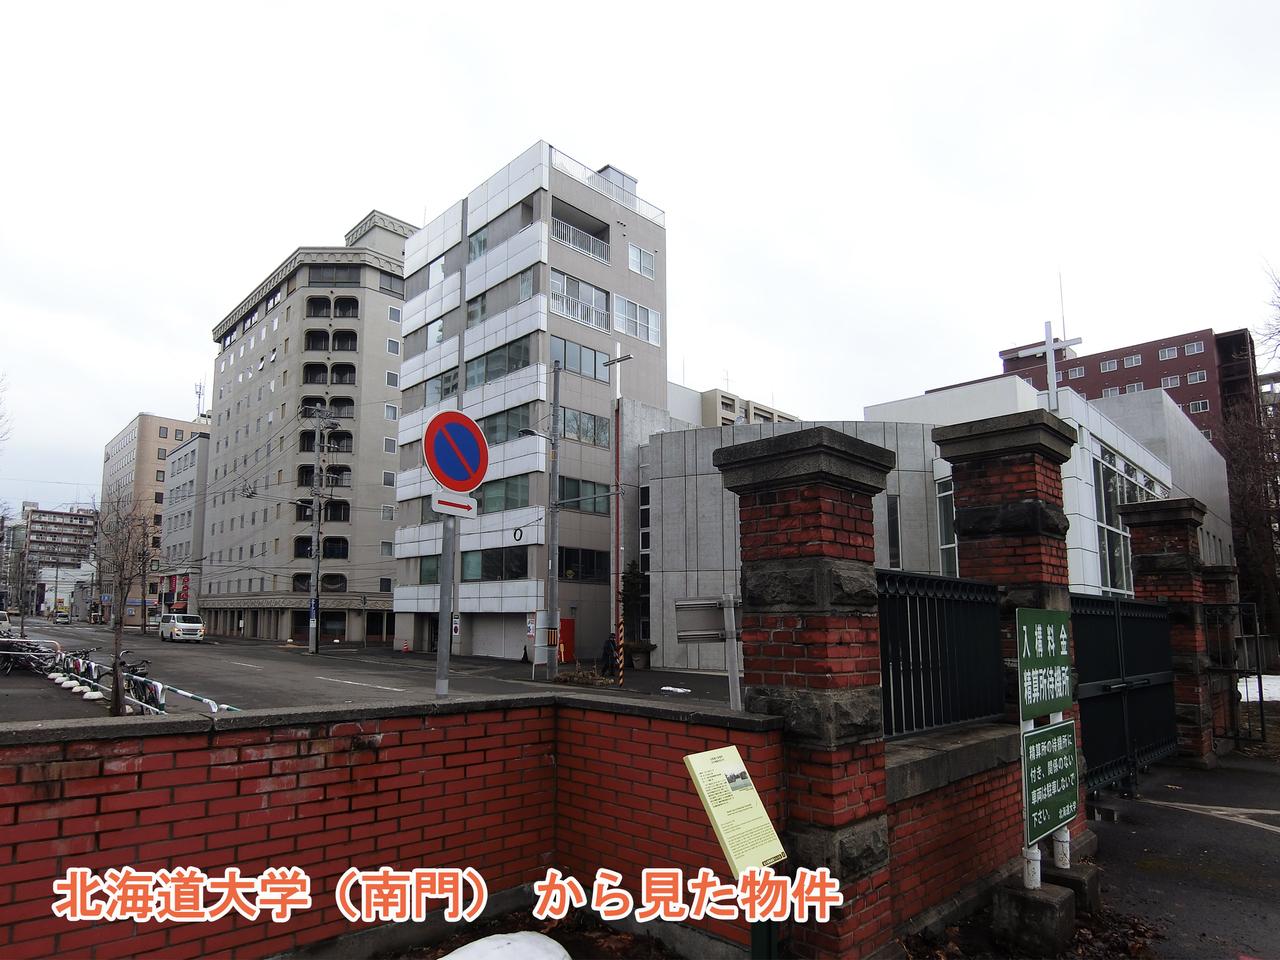 ボール 札幌 シャン